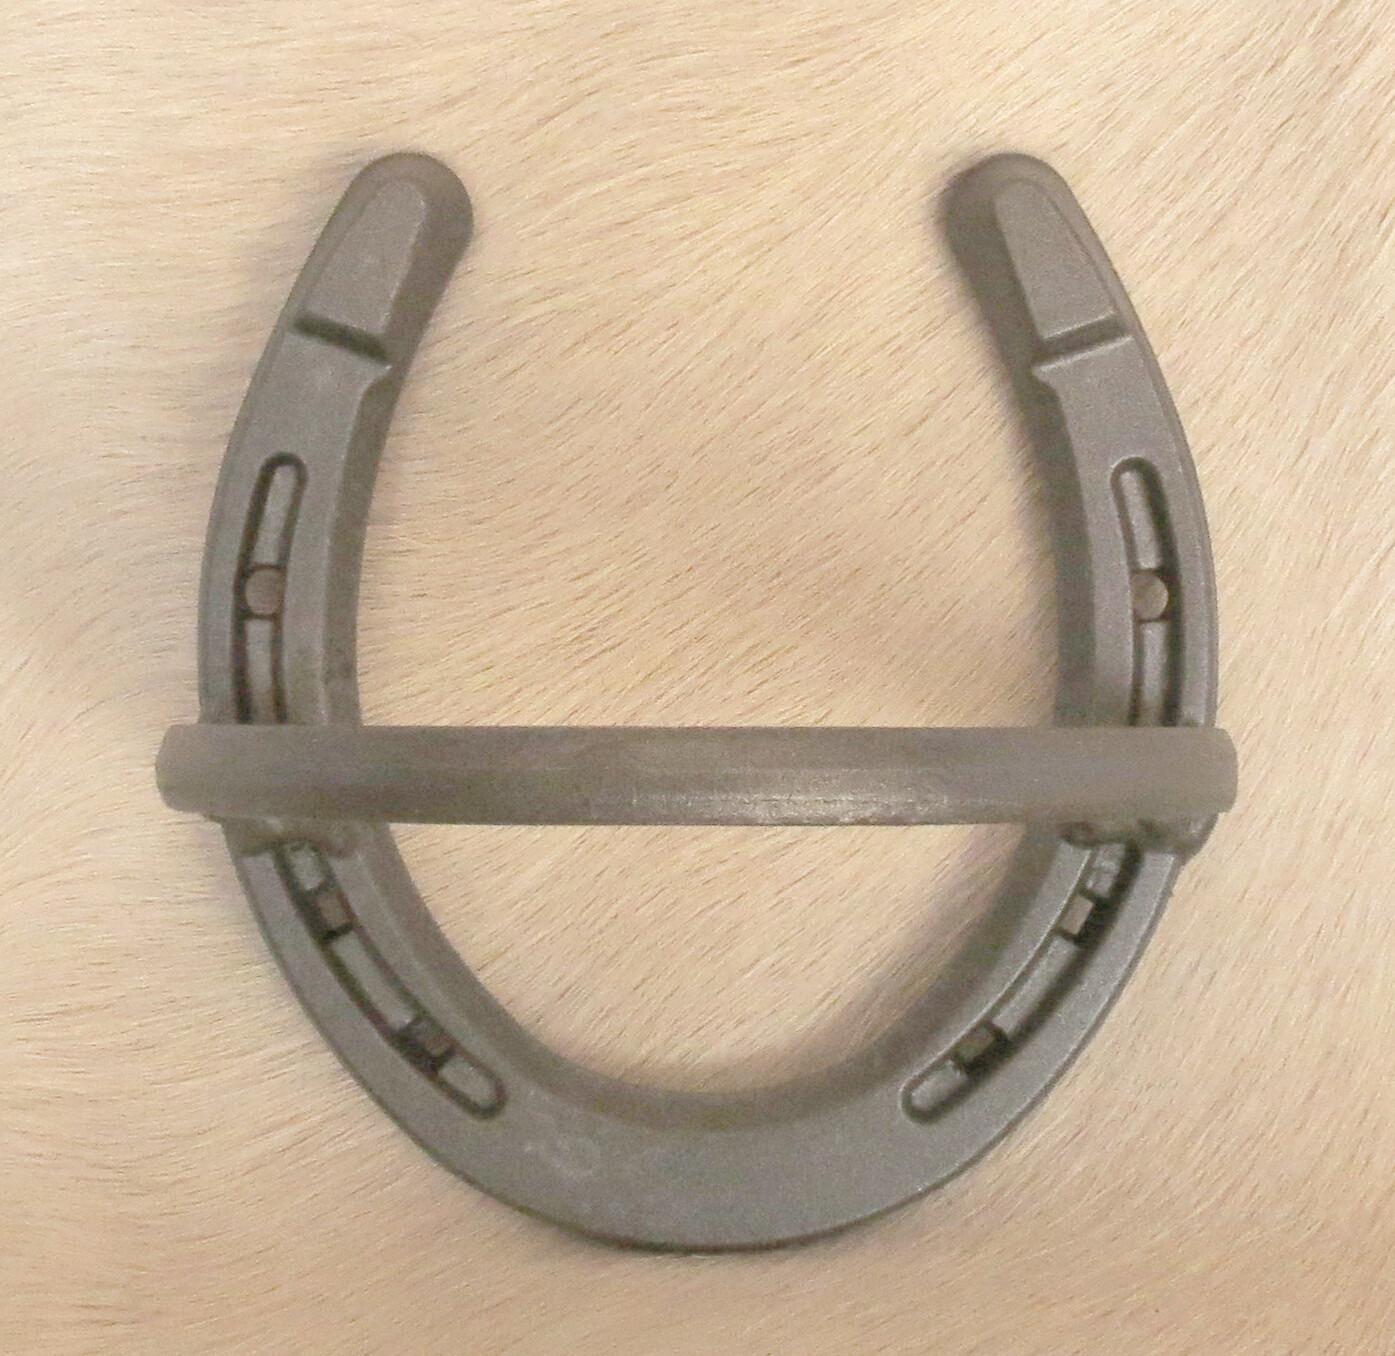 Horseshoe towel holder